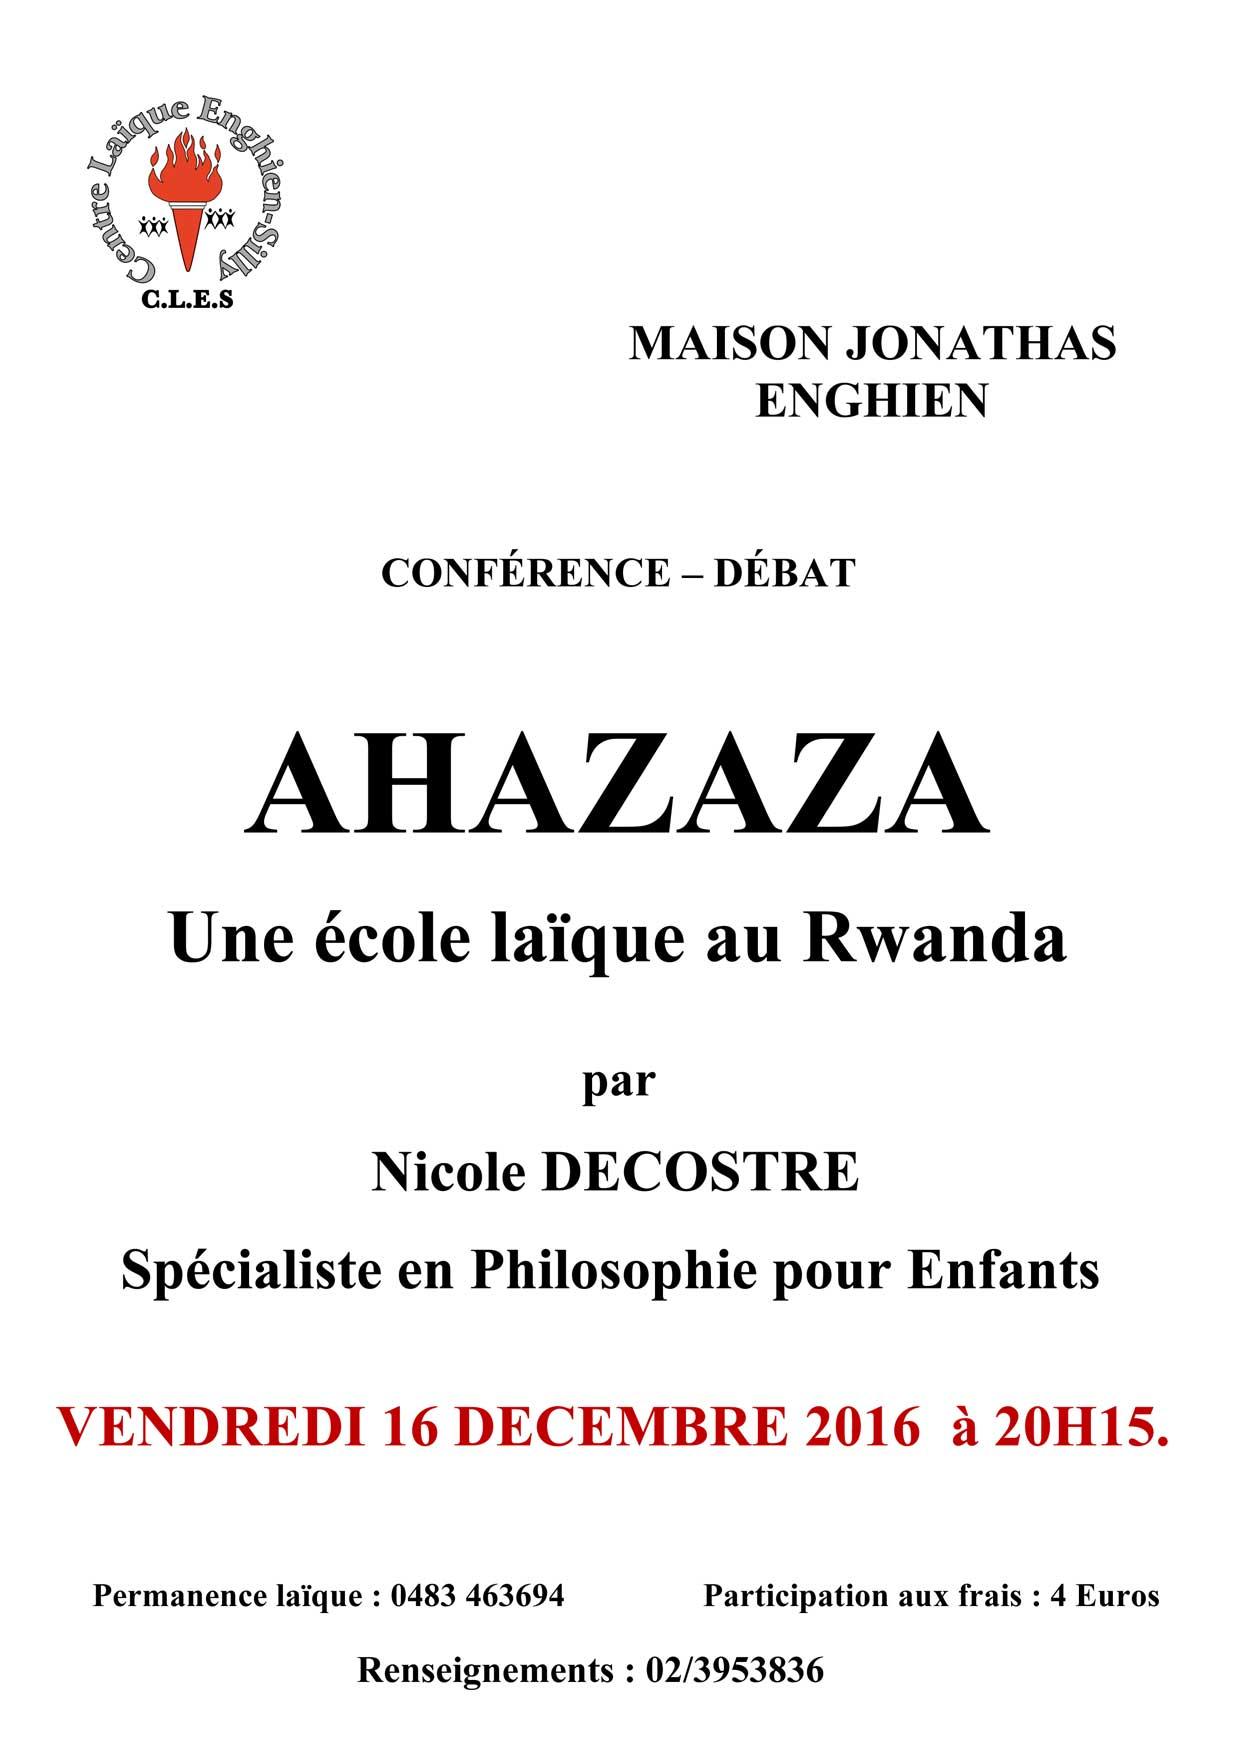 http://www.laiciteenghiensilly.be/%C3%A9v%C3%A9nement/conference-ahazaza-une-ecole-laique-au-rwanda/